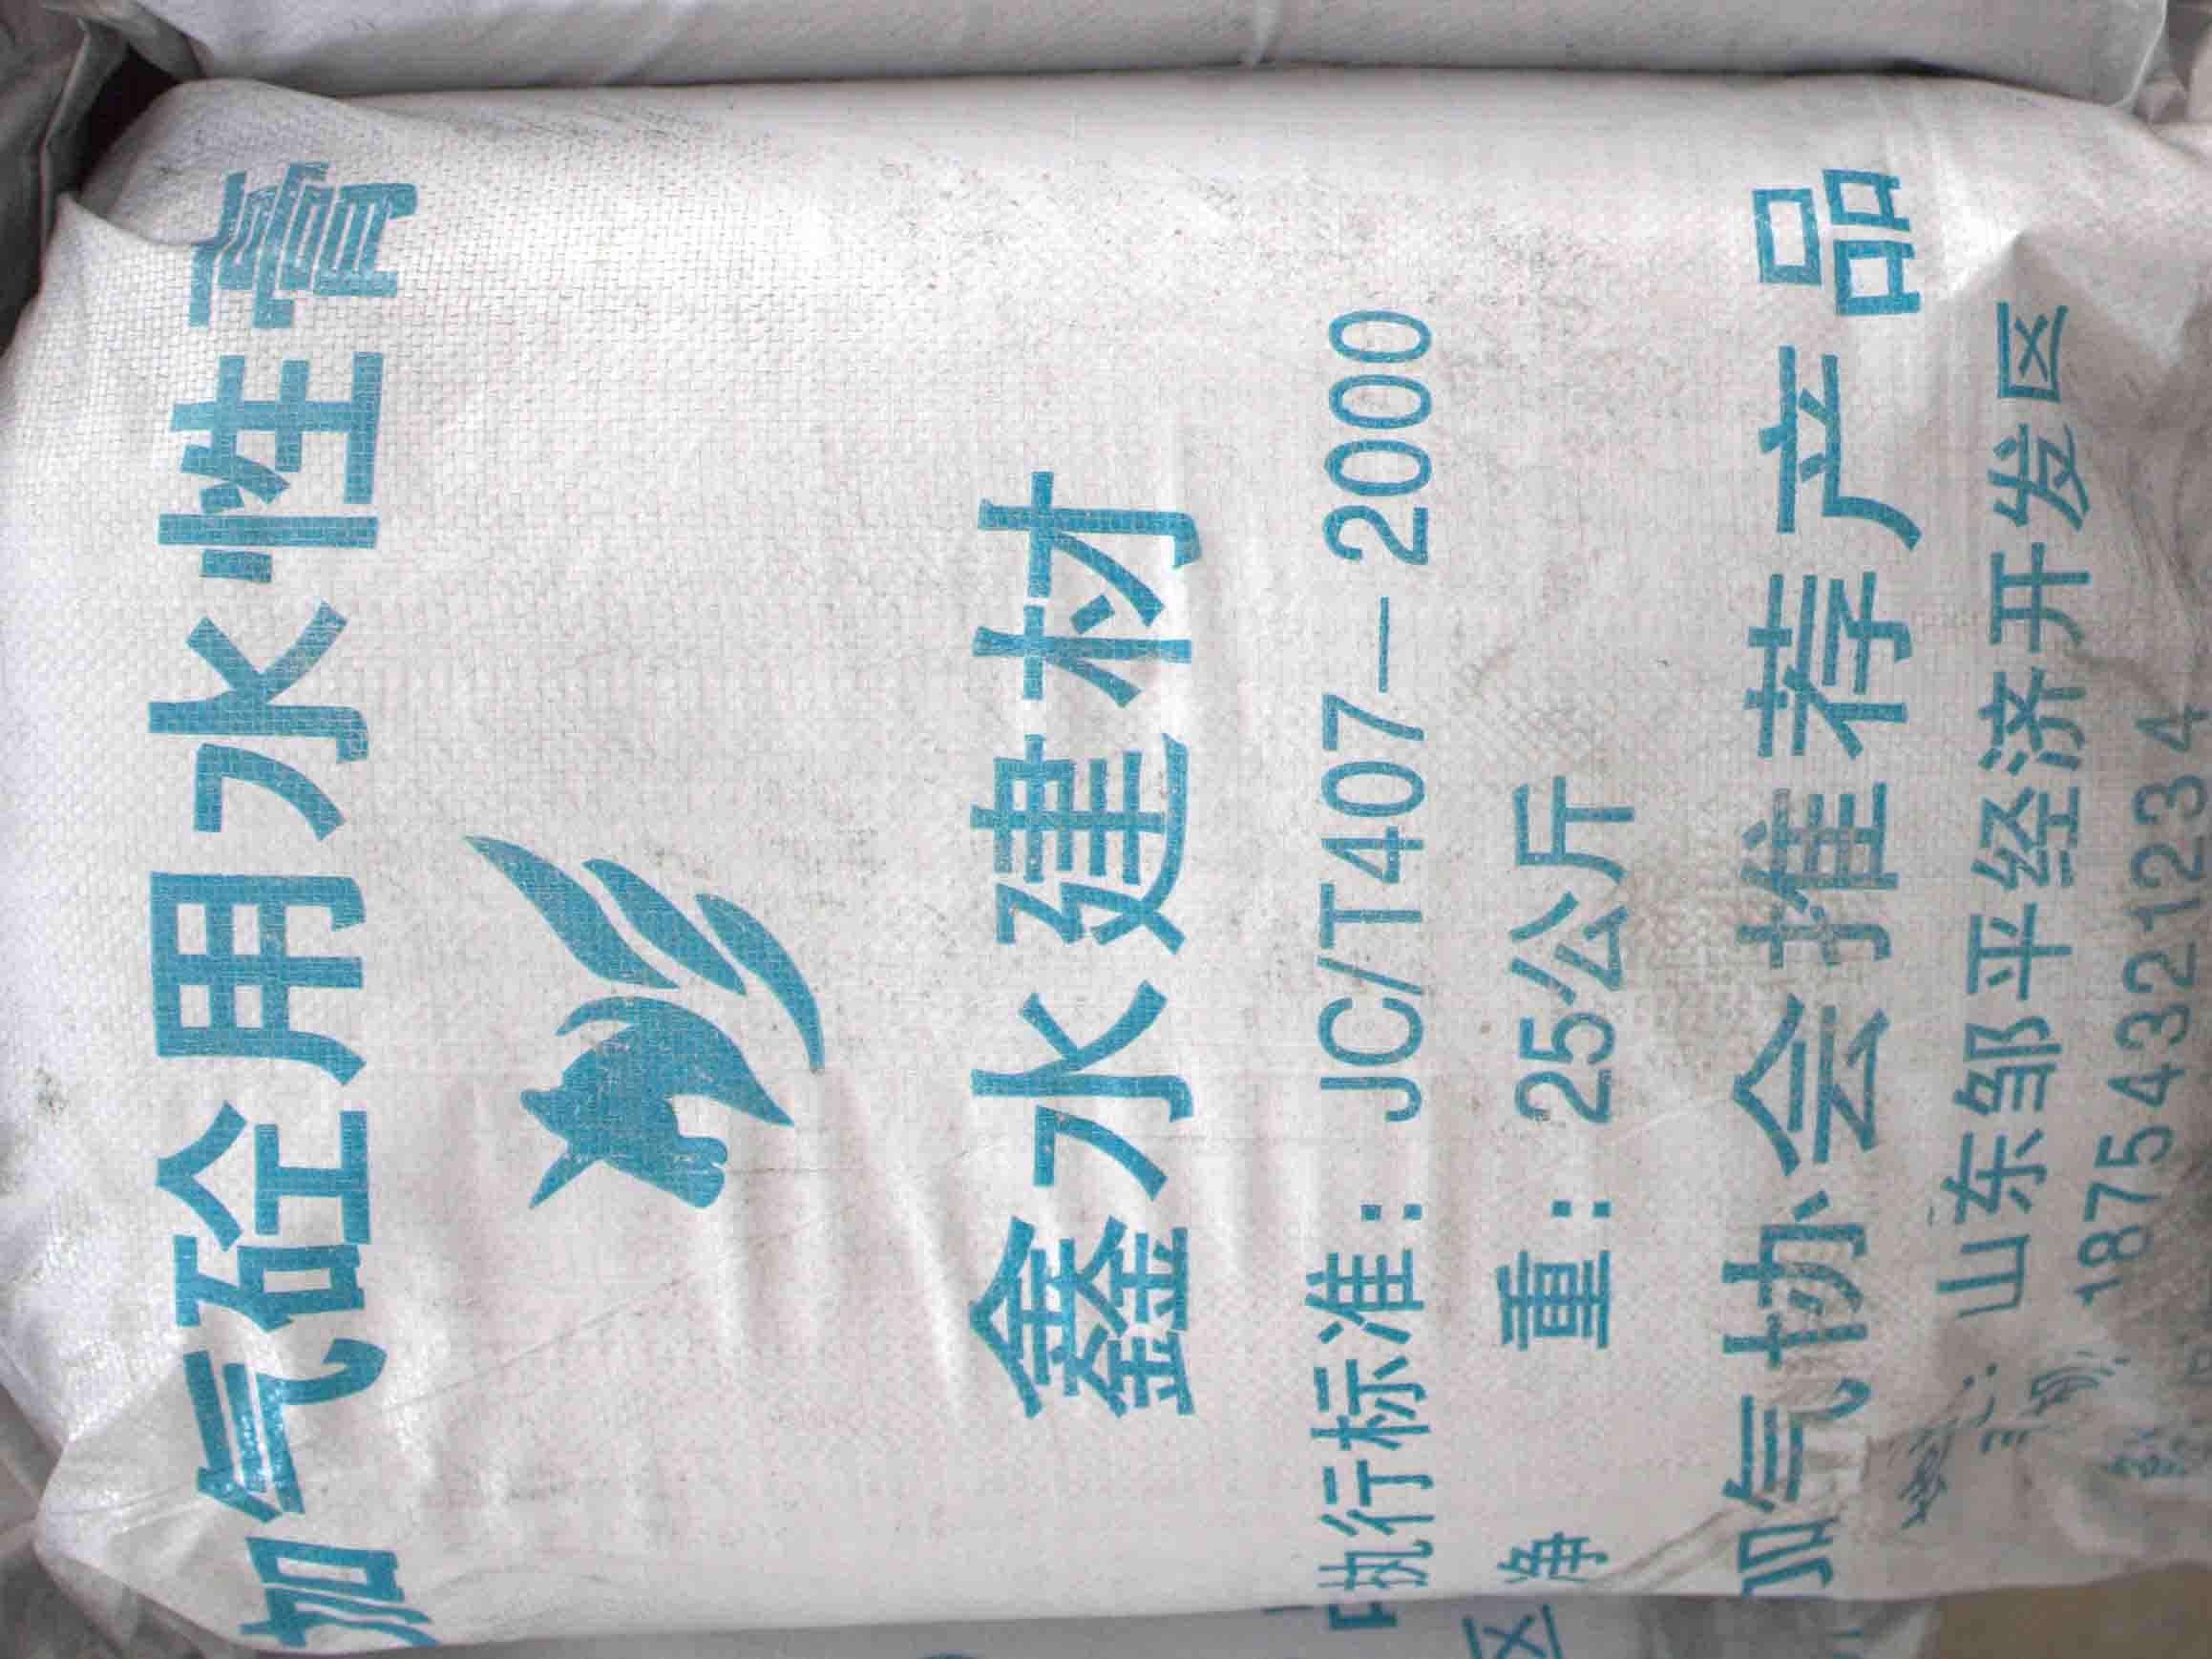 要买质量好的铝粉膏,就来山东鑫水建材吧 _陕西铝粉膏生产厂家